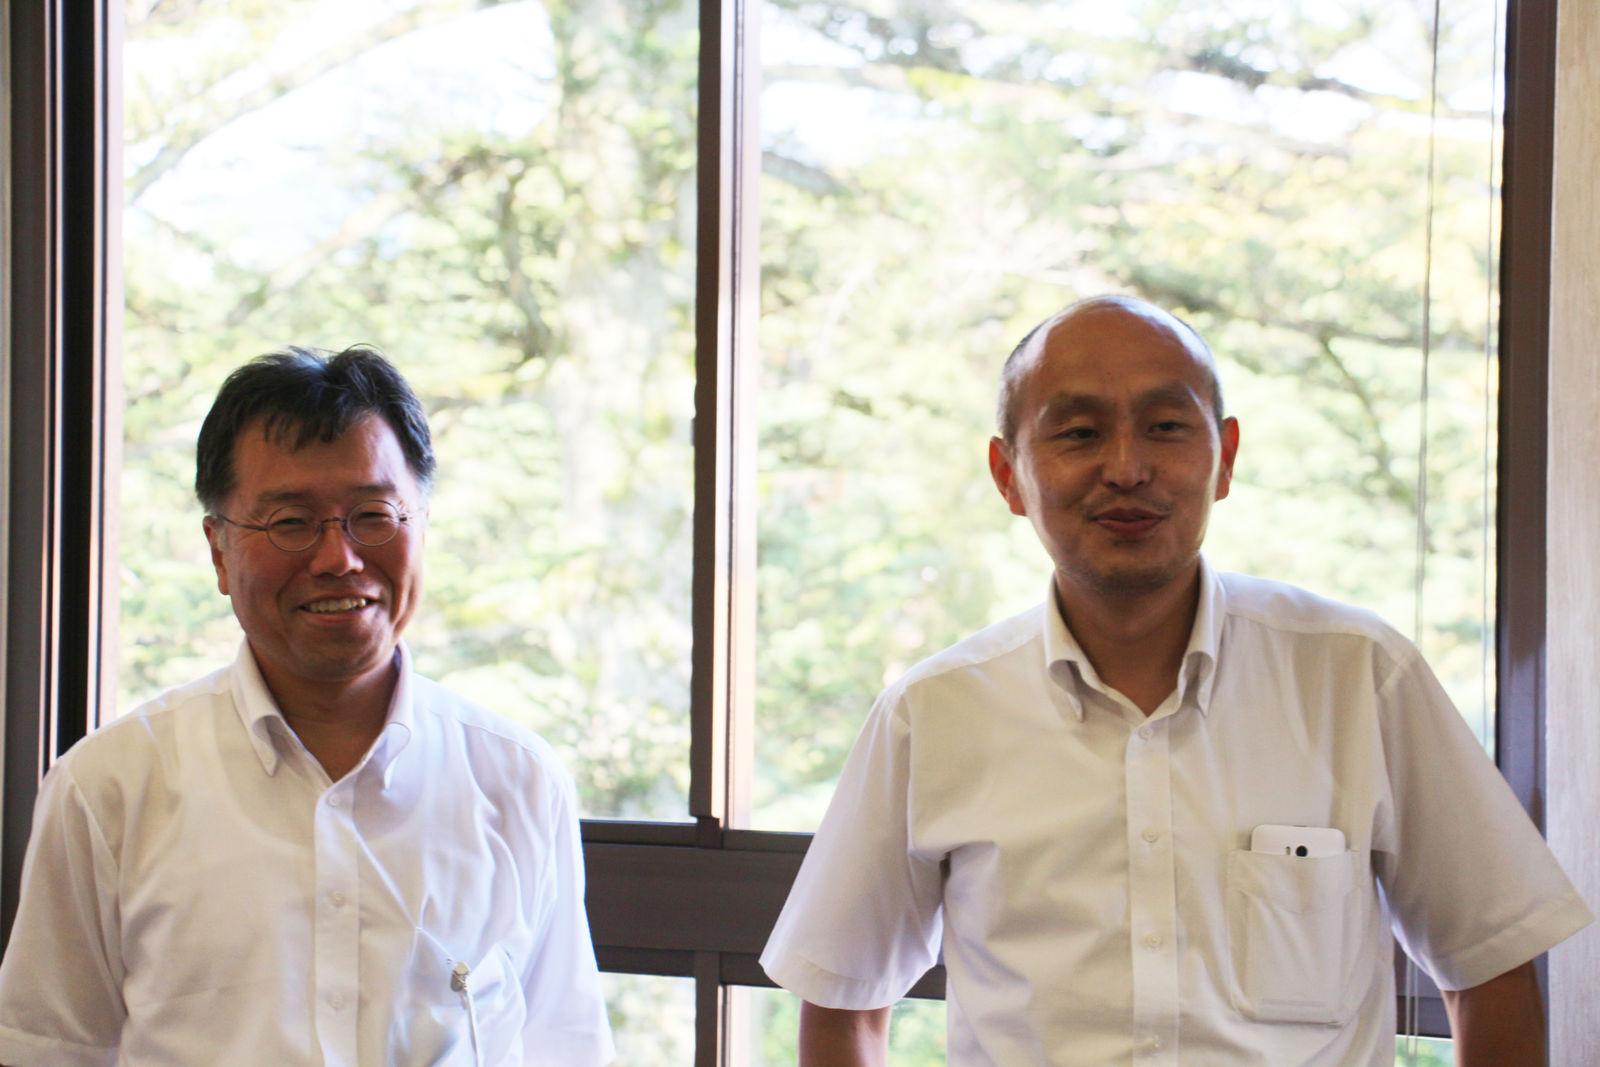 勝山市商工観光部観光政策課長 山岸善太郎さん(左)、同観光振興グループの深見正樹さん(右)